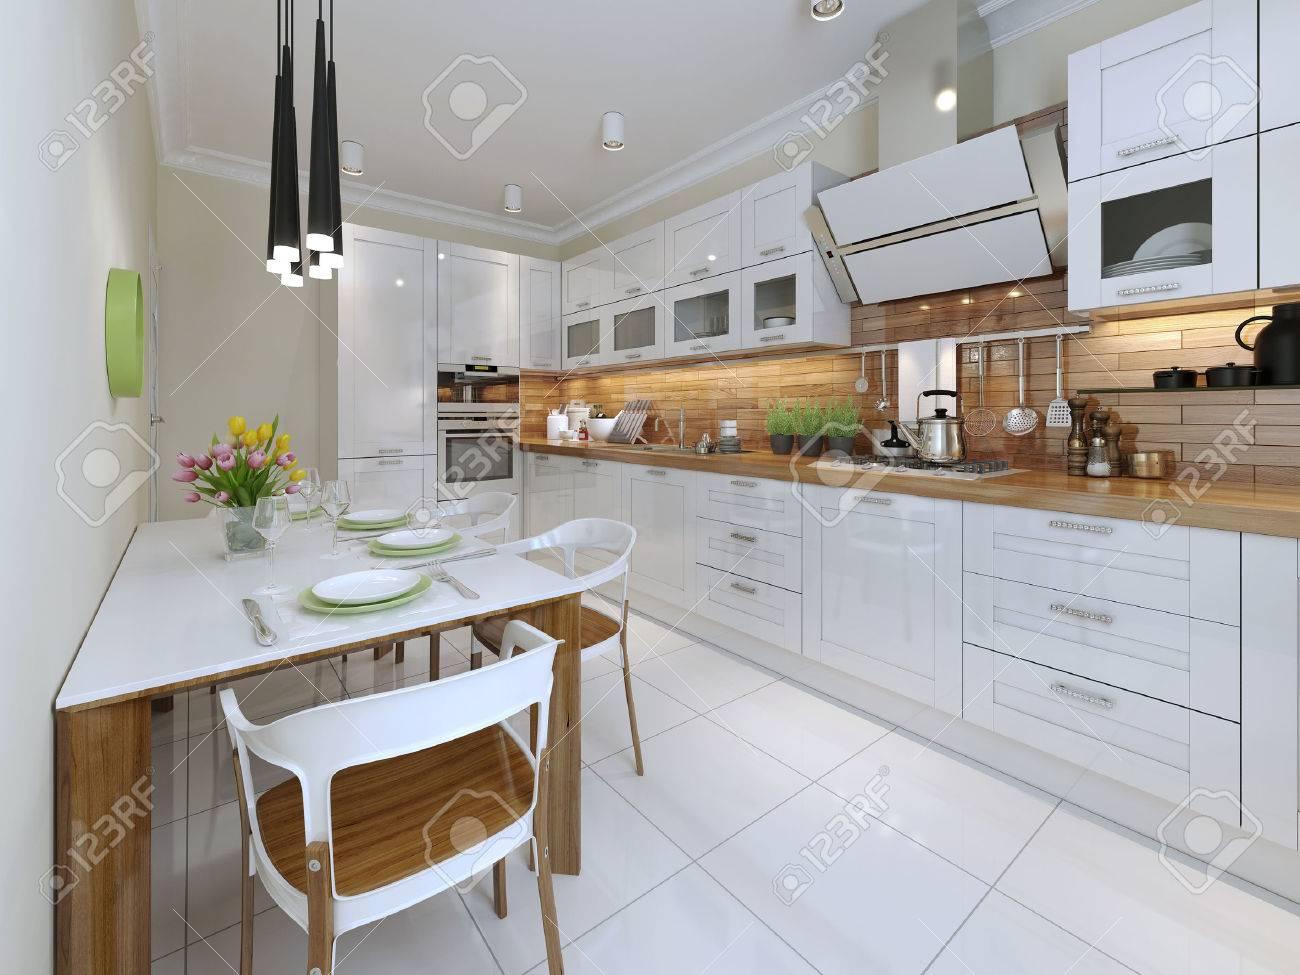 Contemporáneo Diseño Cocina. 3d